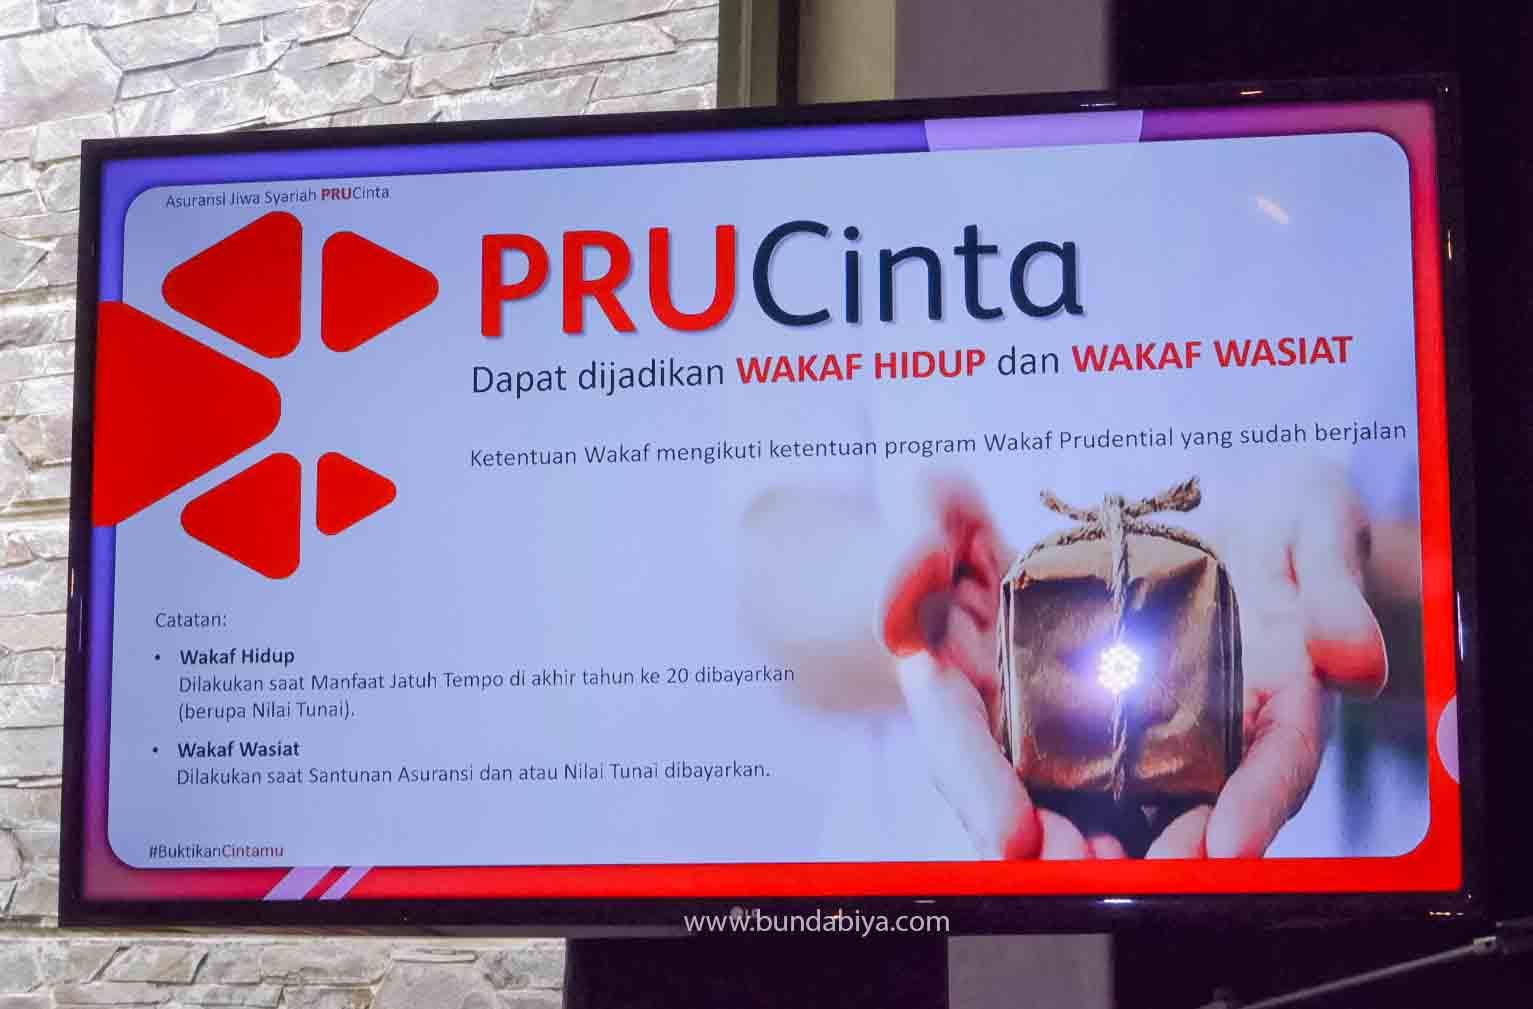 asuransi jiwa syariah yang bagus, asuransi jiwa syariah di indonesia, asuransi jiwa syariah yang terdaftar di indonesia, asuransi jiwa syariah prudential, asuransi jiwa syariah adalah, prinsip dasar asuransi jiwa syariah, asuransi jiwa syariah, asuransi jiwa syariah murni, asuransi jiwa syariah yang murah, asuransi jiwa syariah yang klaimnya mudah, asuransi jiwa syariah terbaik